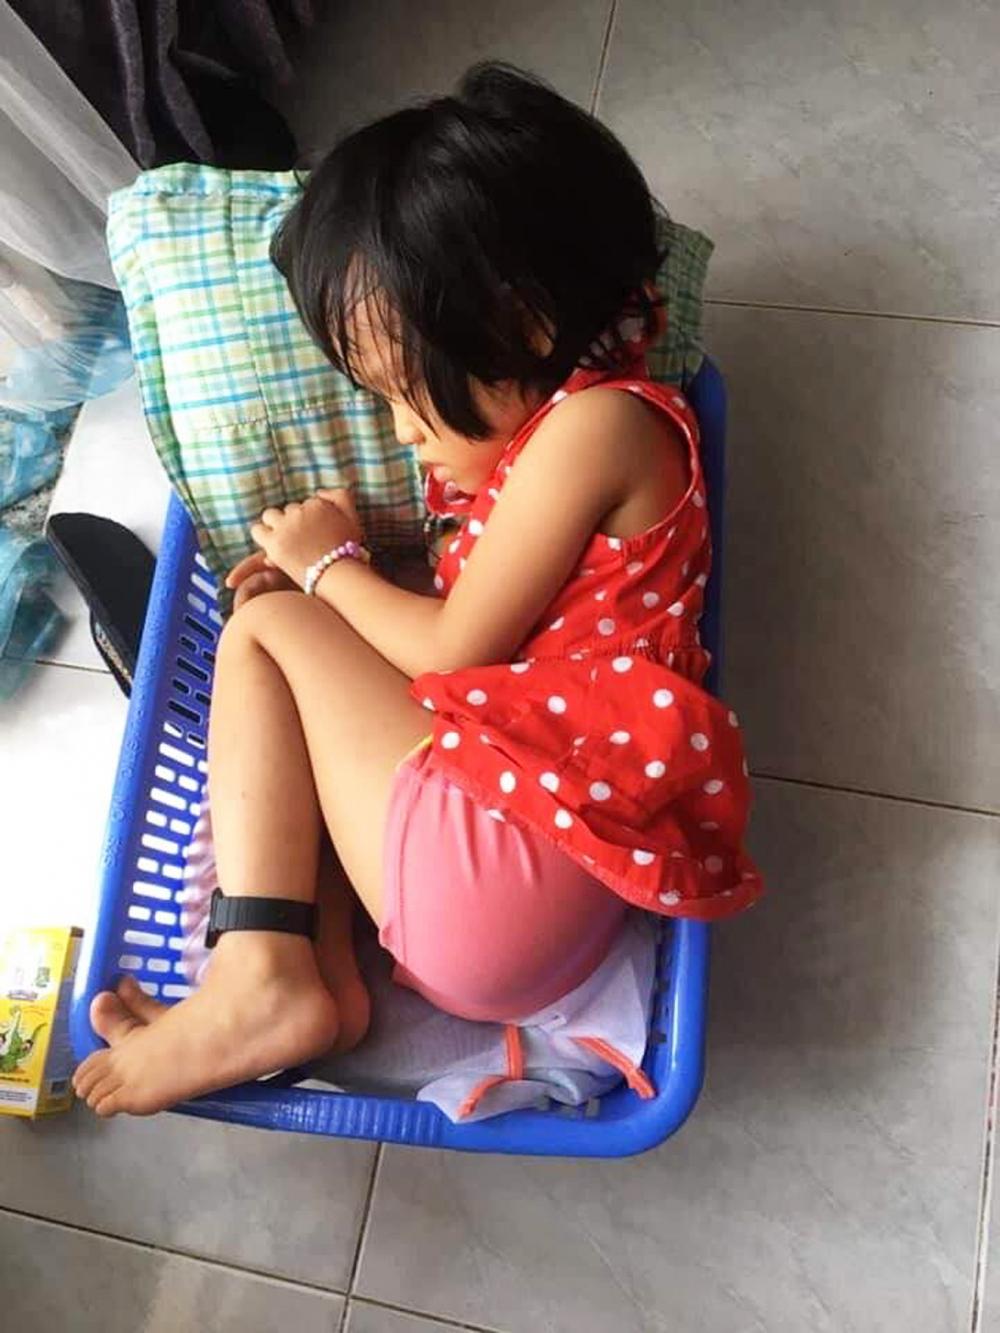 Bé Minh Anh ngủ luôn trong chiếc giỏ đựng đồ dơ khi bụng đói meo